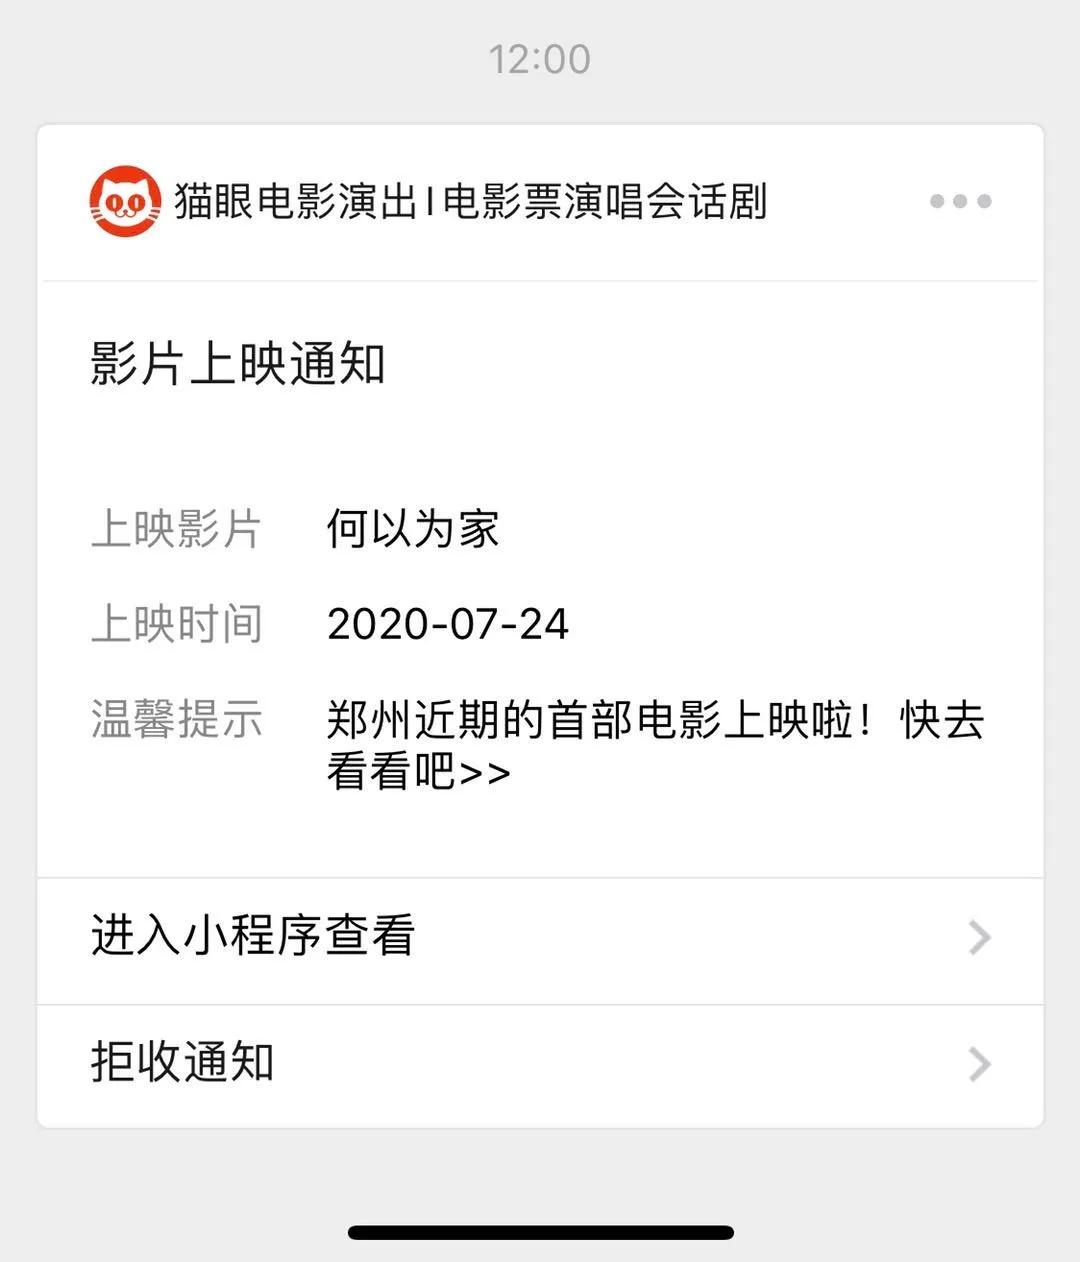 重磅!河南省域内电影院可自即日起有序恢复开放营业